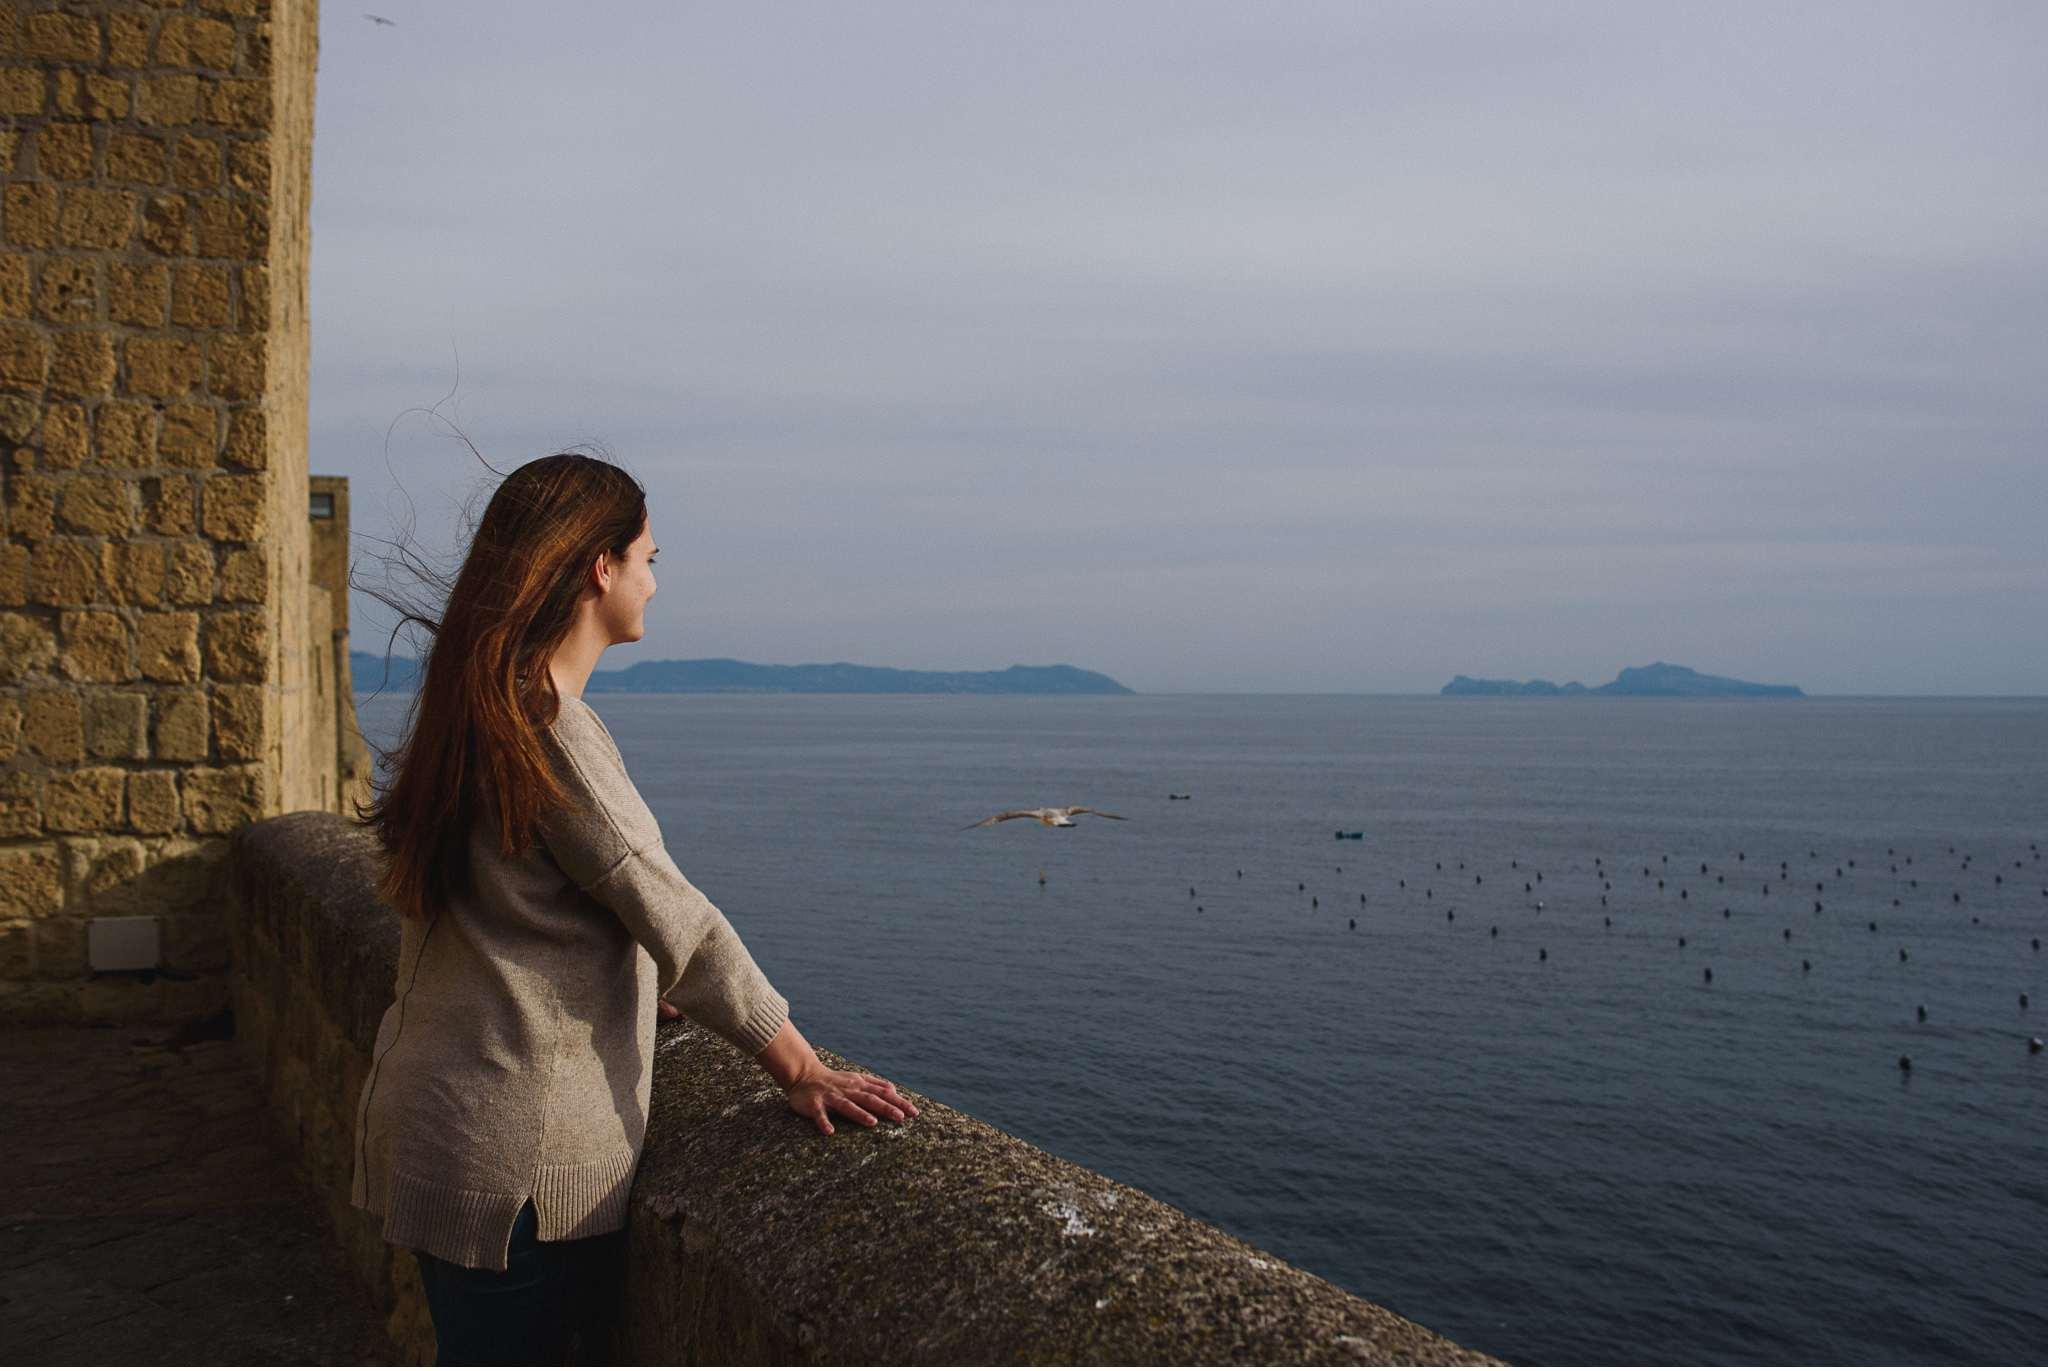 Interrail Reise - Italien Neapel - Geschichten von unterwegs - Foto Daniel Kempf-Seifried-50